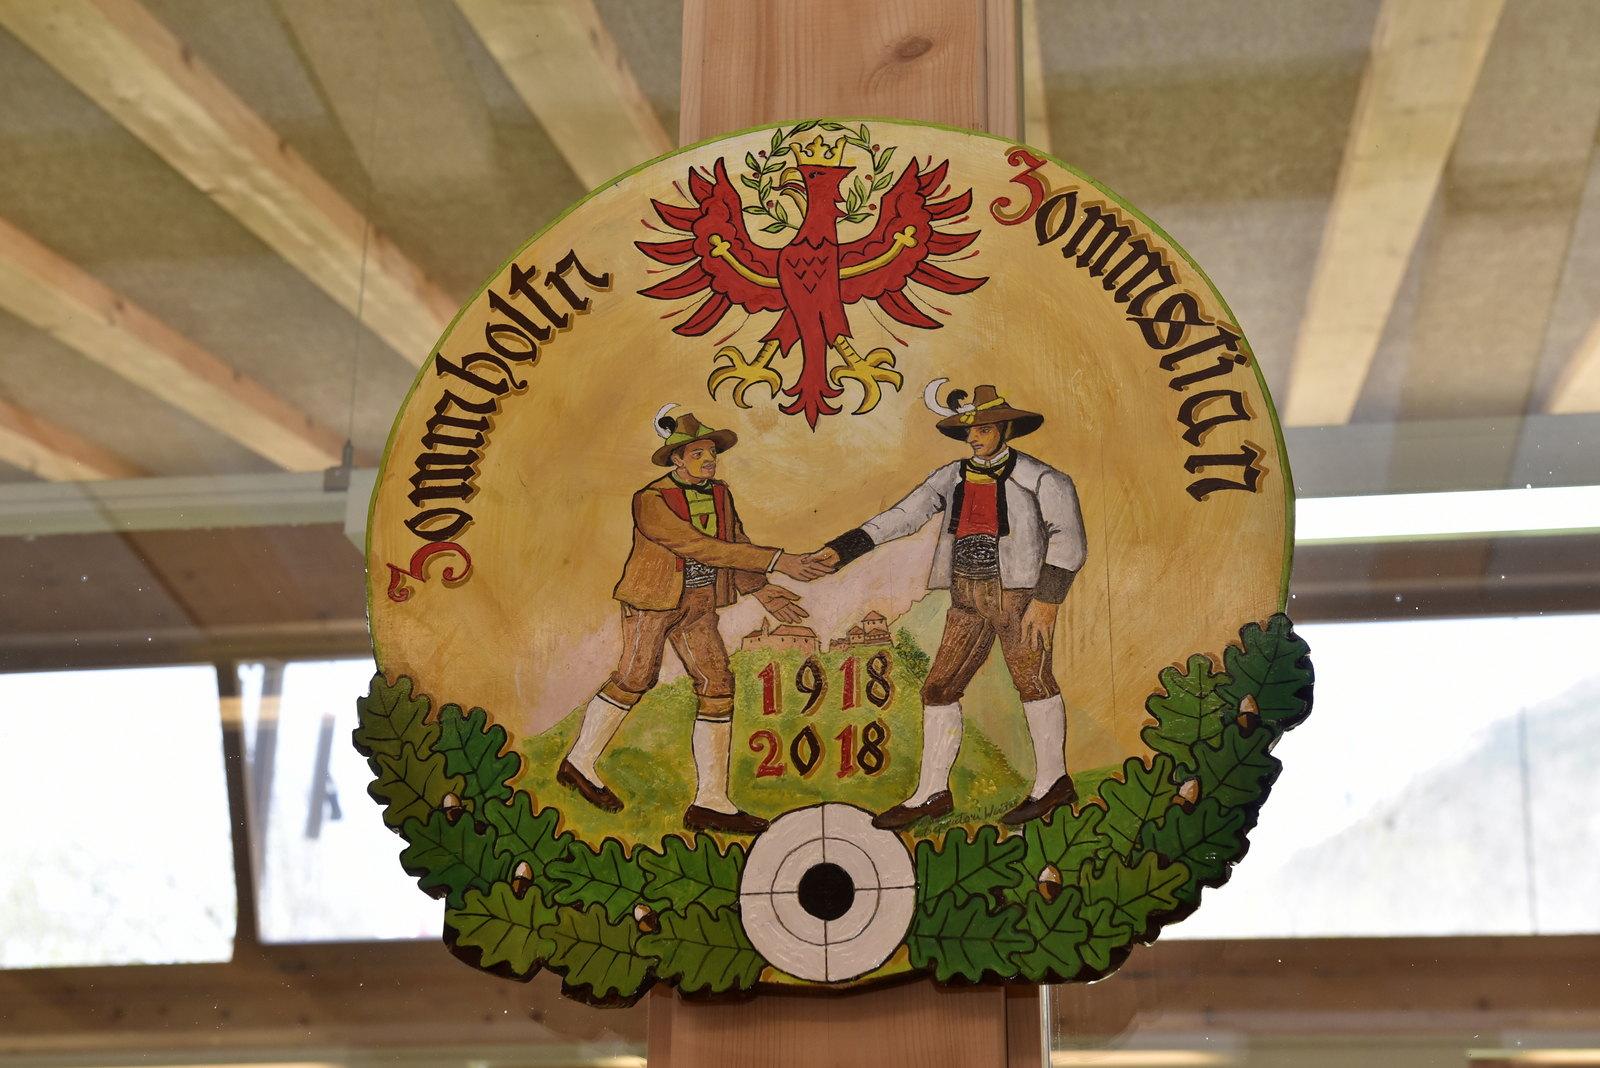 Tiroler Gedenkschießen 1918/2018, Goldrain, 14.04.2018